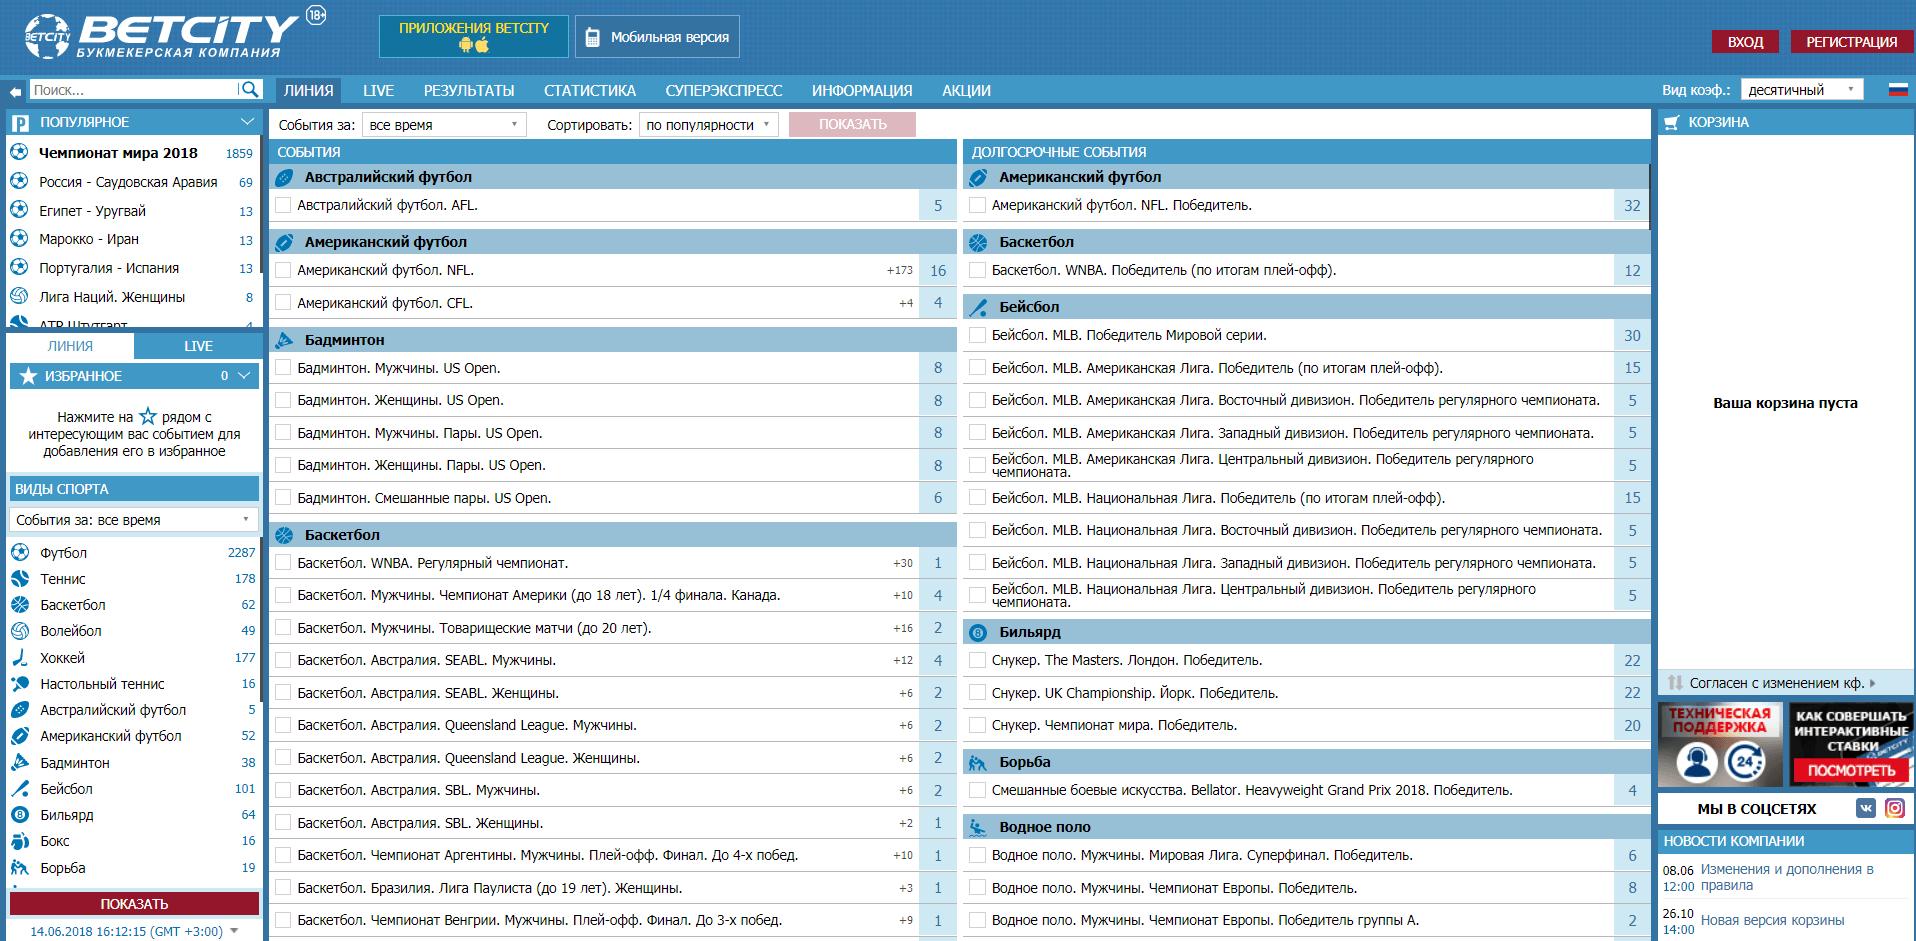 Спектр спортивных событий (линия и роспись)Betcity.ru